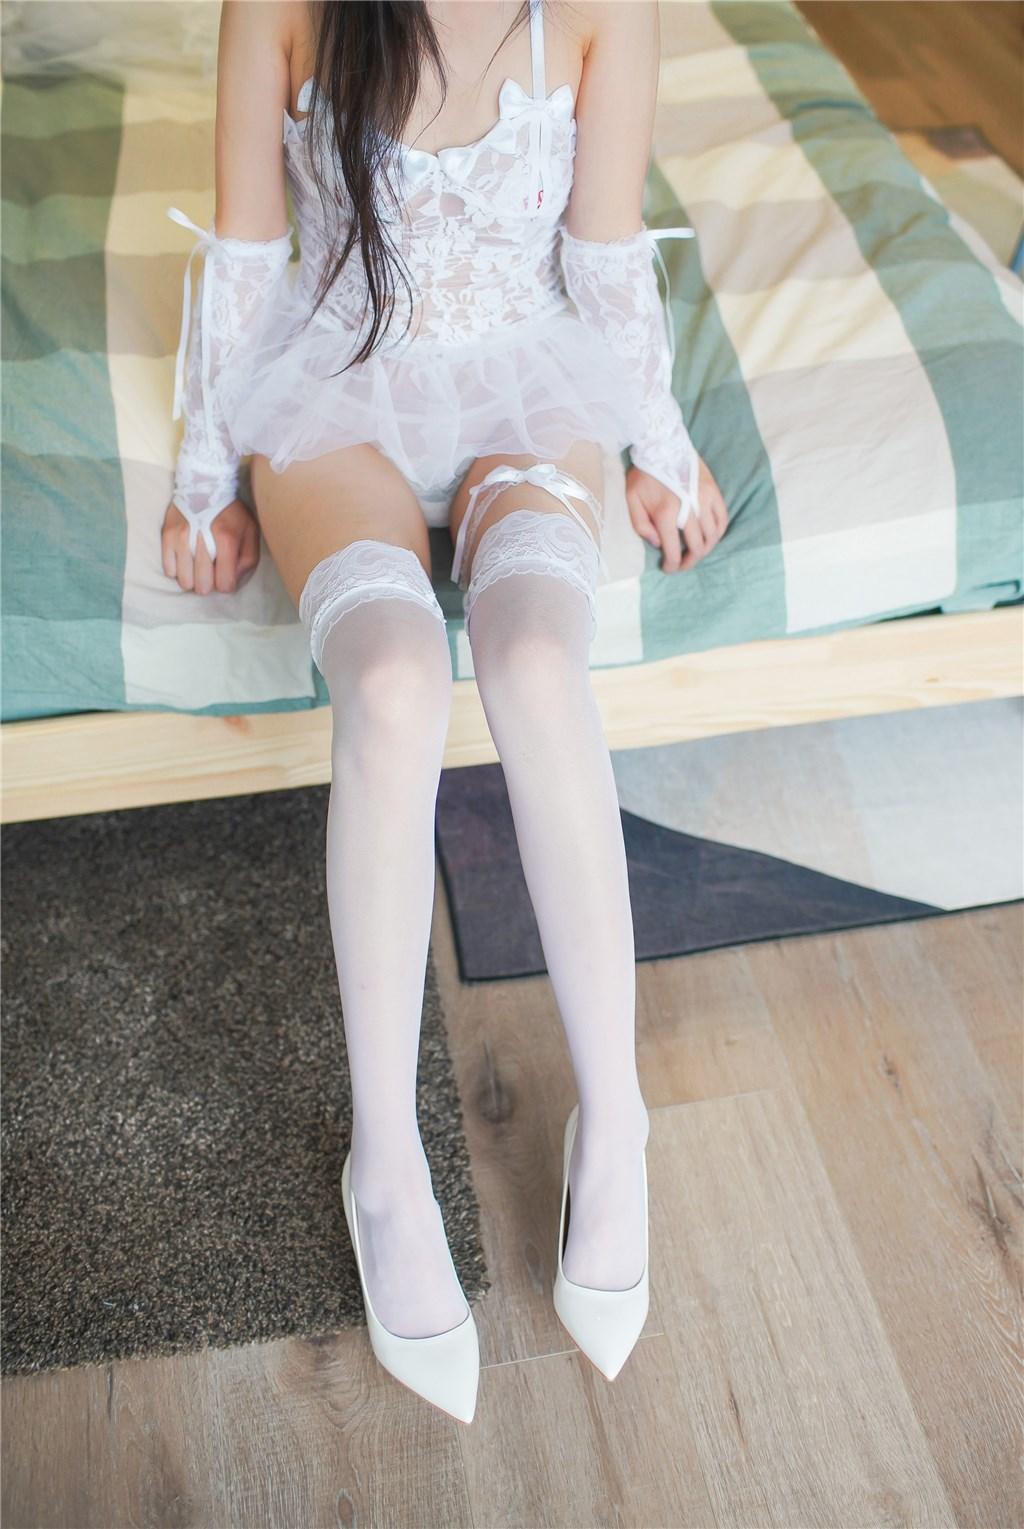 【兔玩映画】婚纱白丝 兔玩映画 第14张